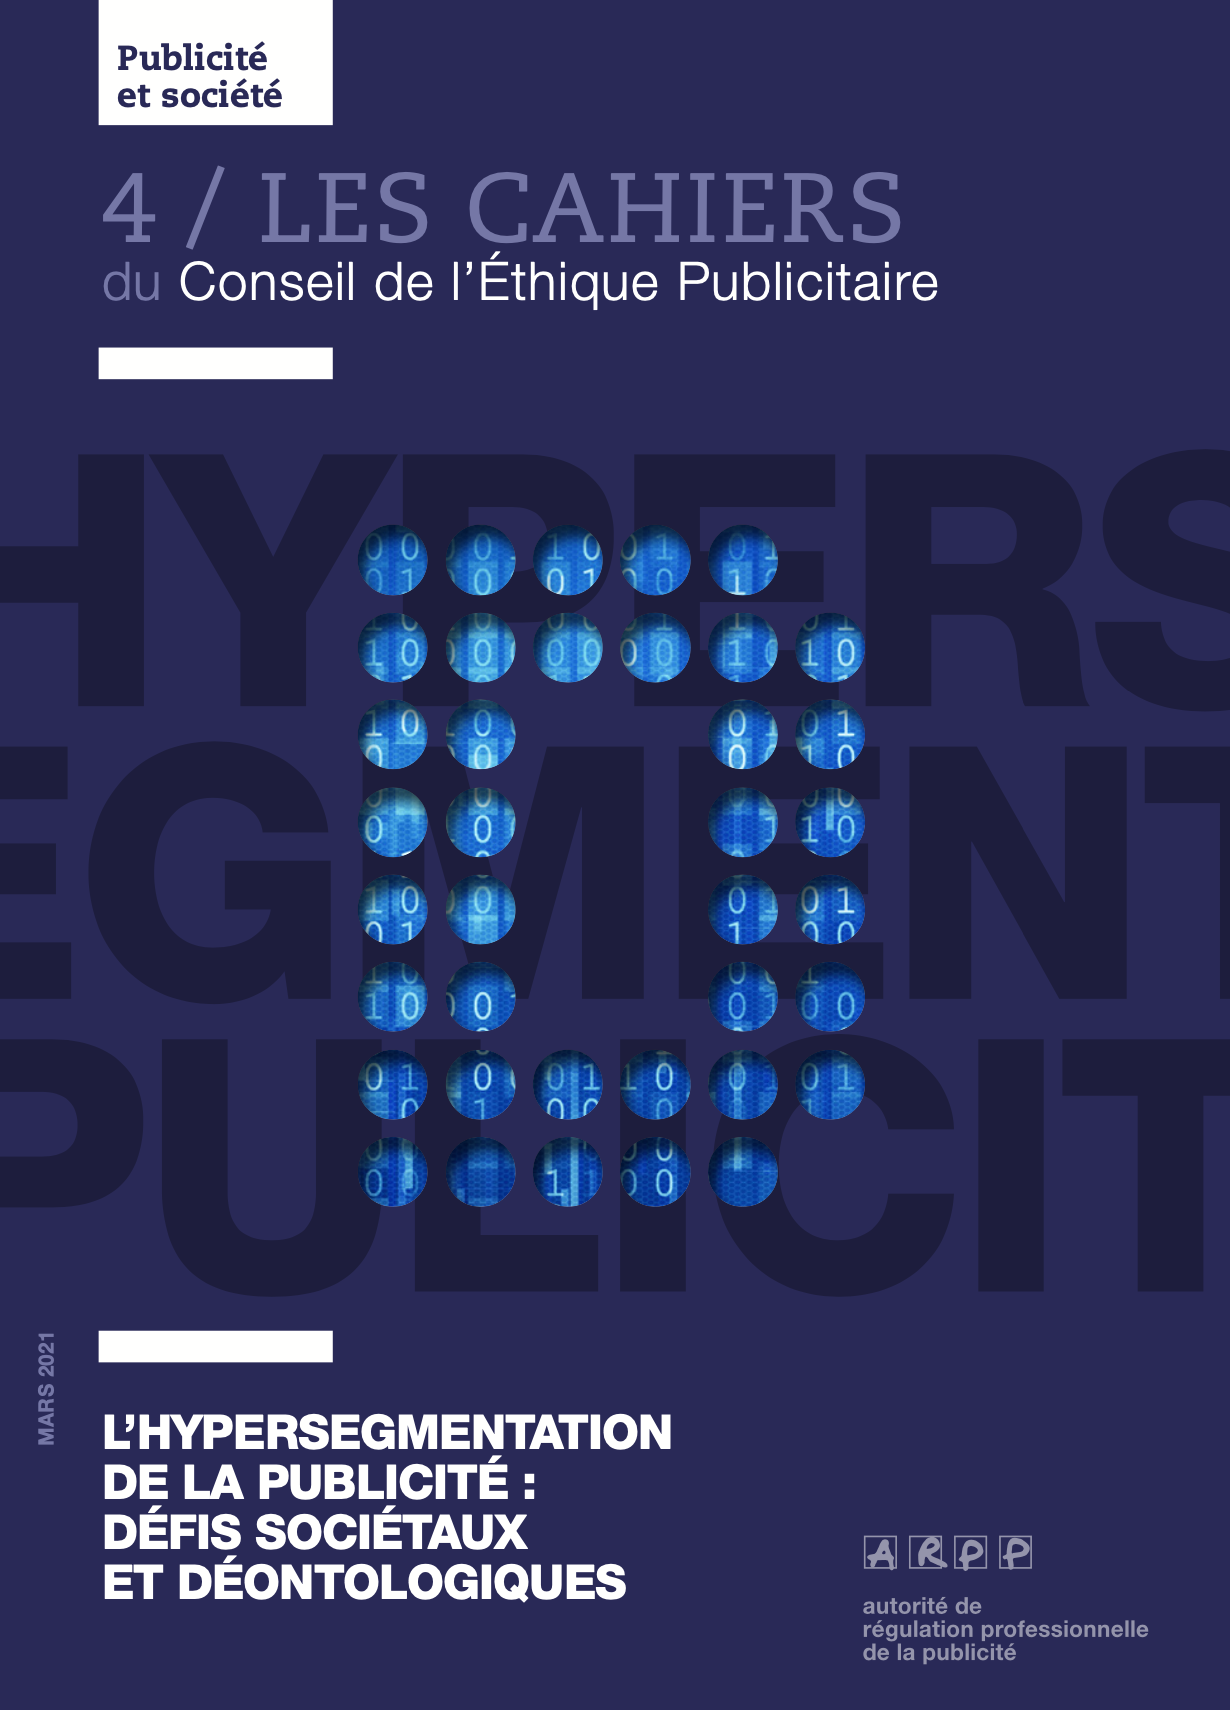 Parution des Cahiers n°4 du CEP autour de son nouvel avis: «L'hypersegmentation de la publicité: défis sociétaux et déontologiques»